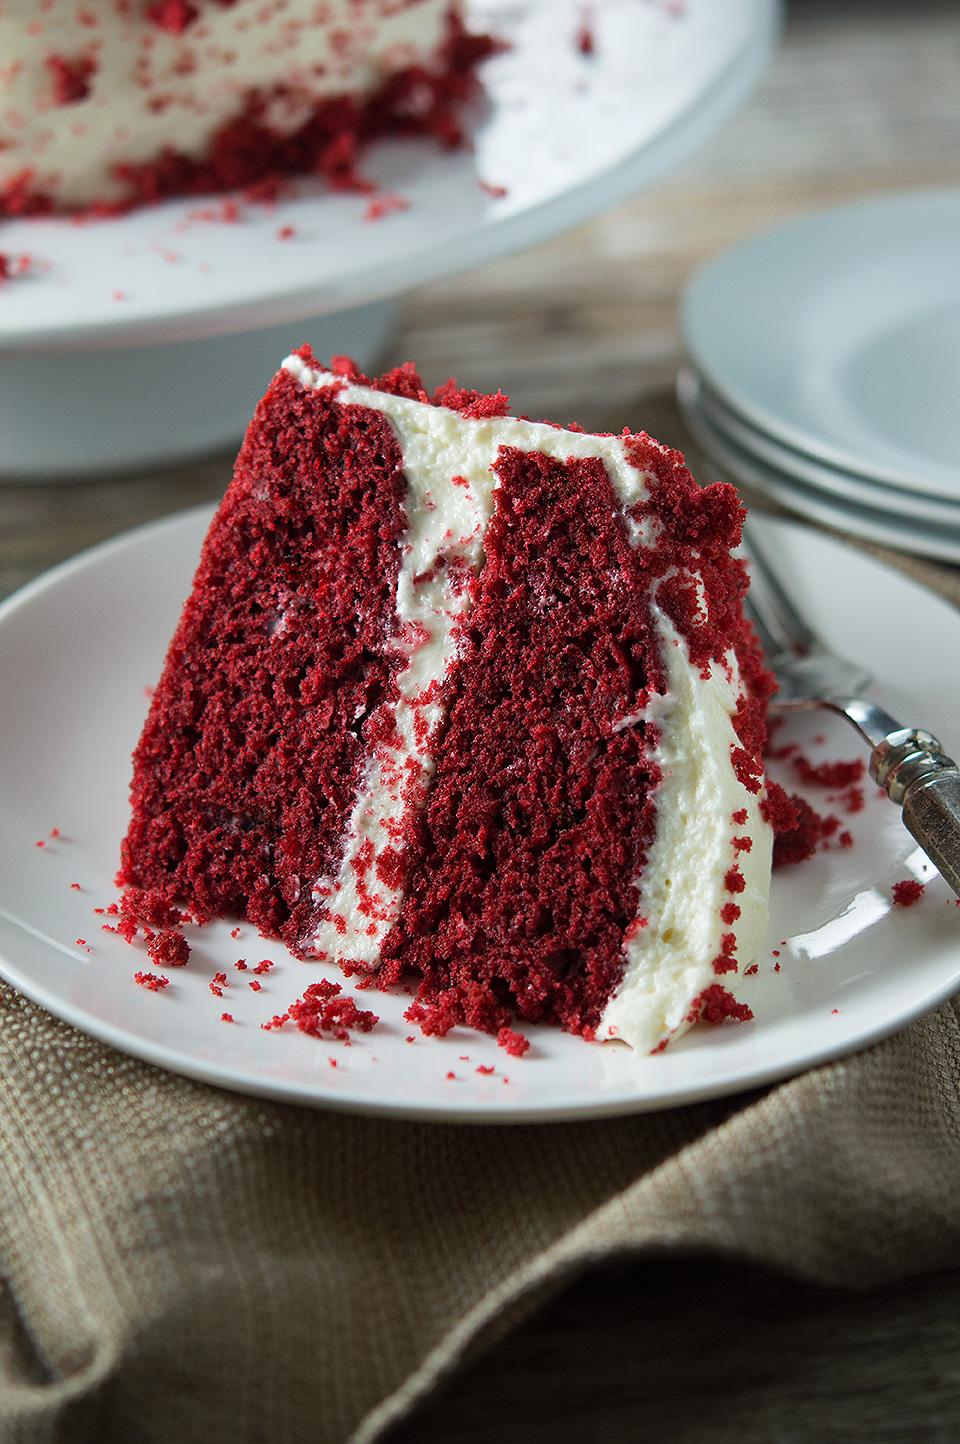 What Makes Red Velvet Cake Special